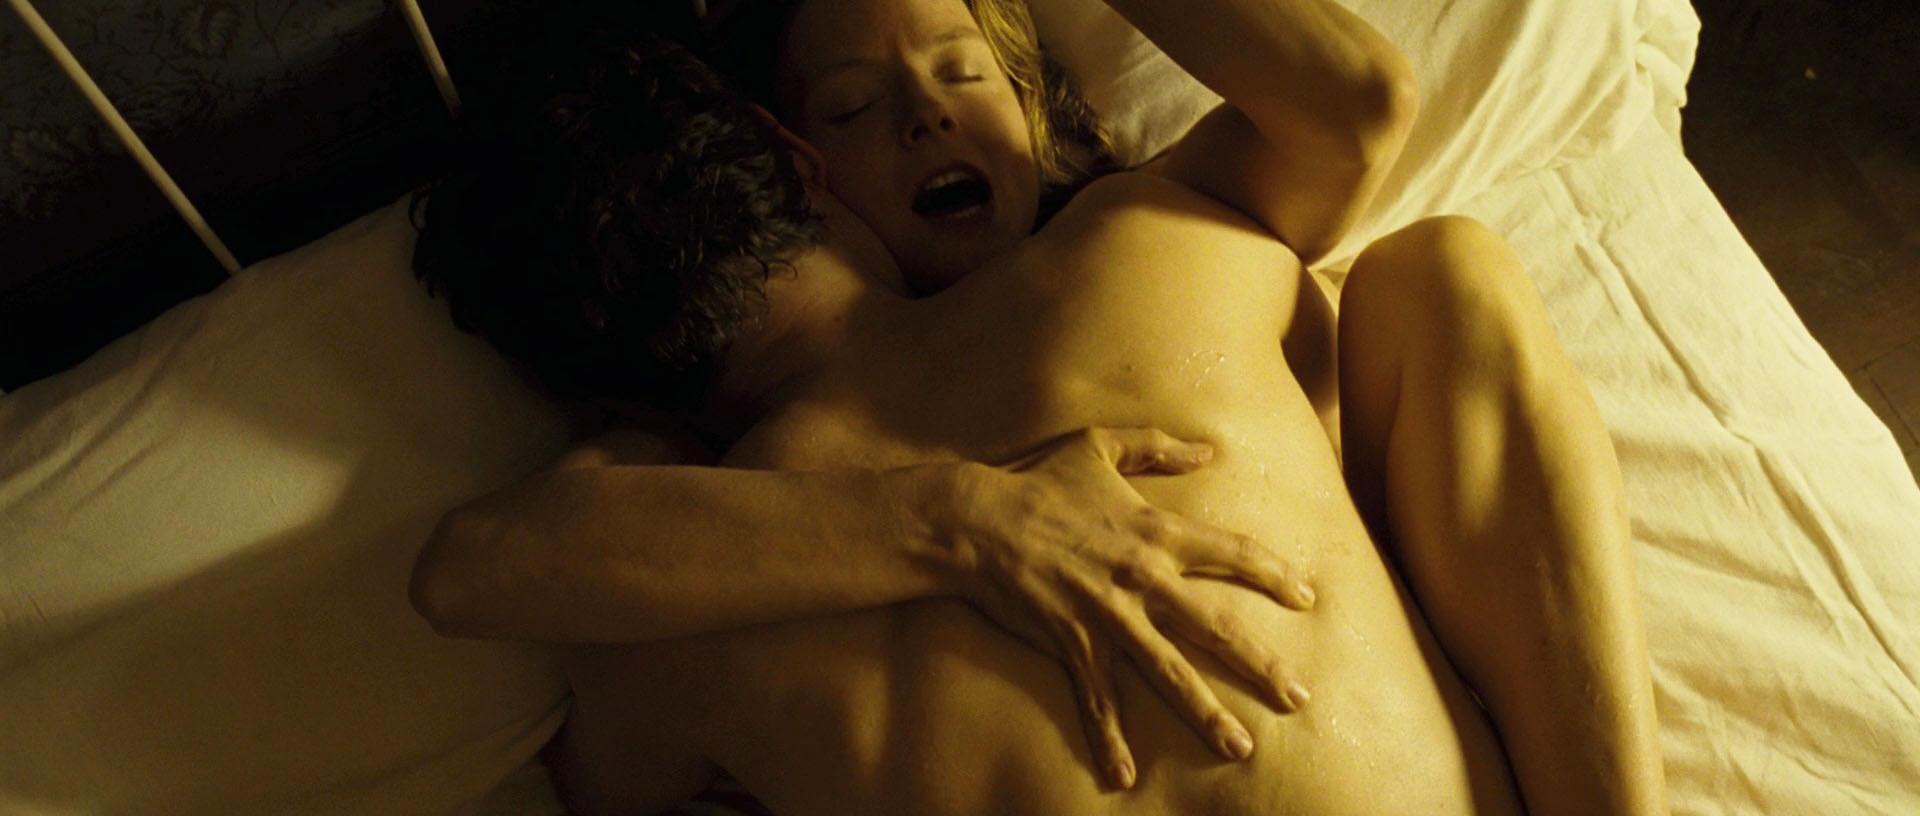 Jodie Foster Sex